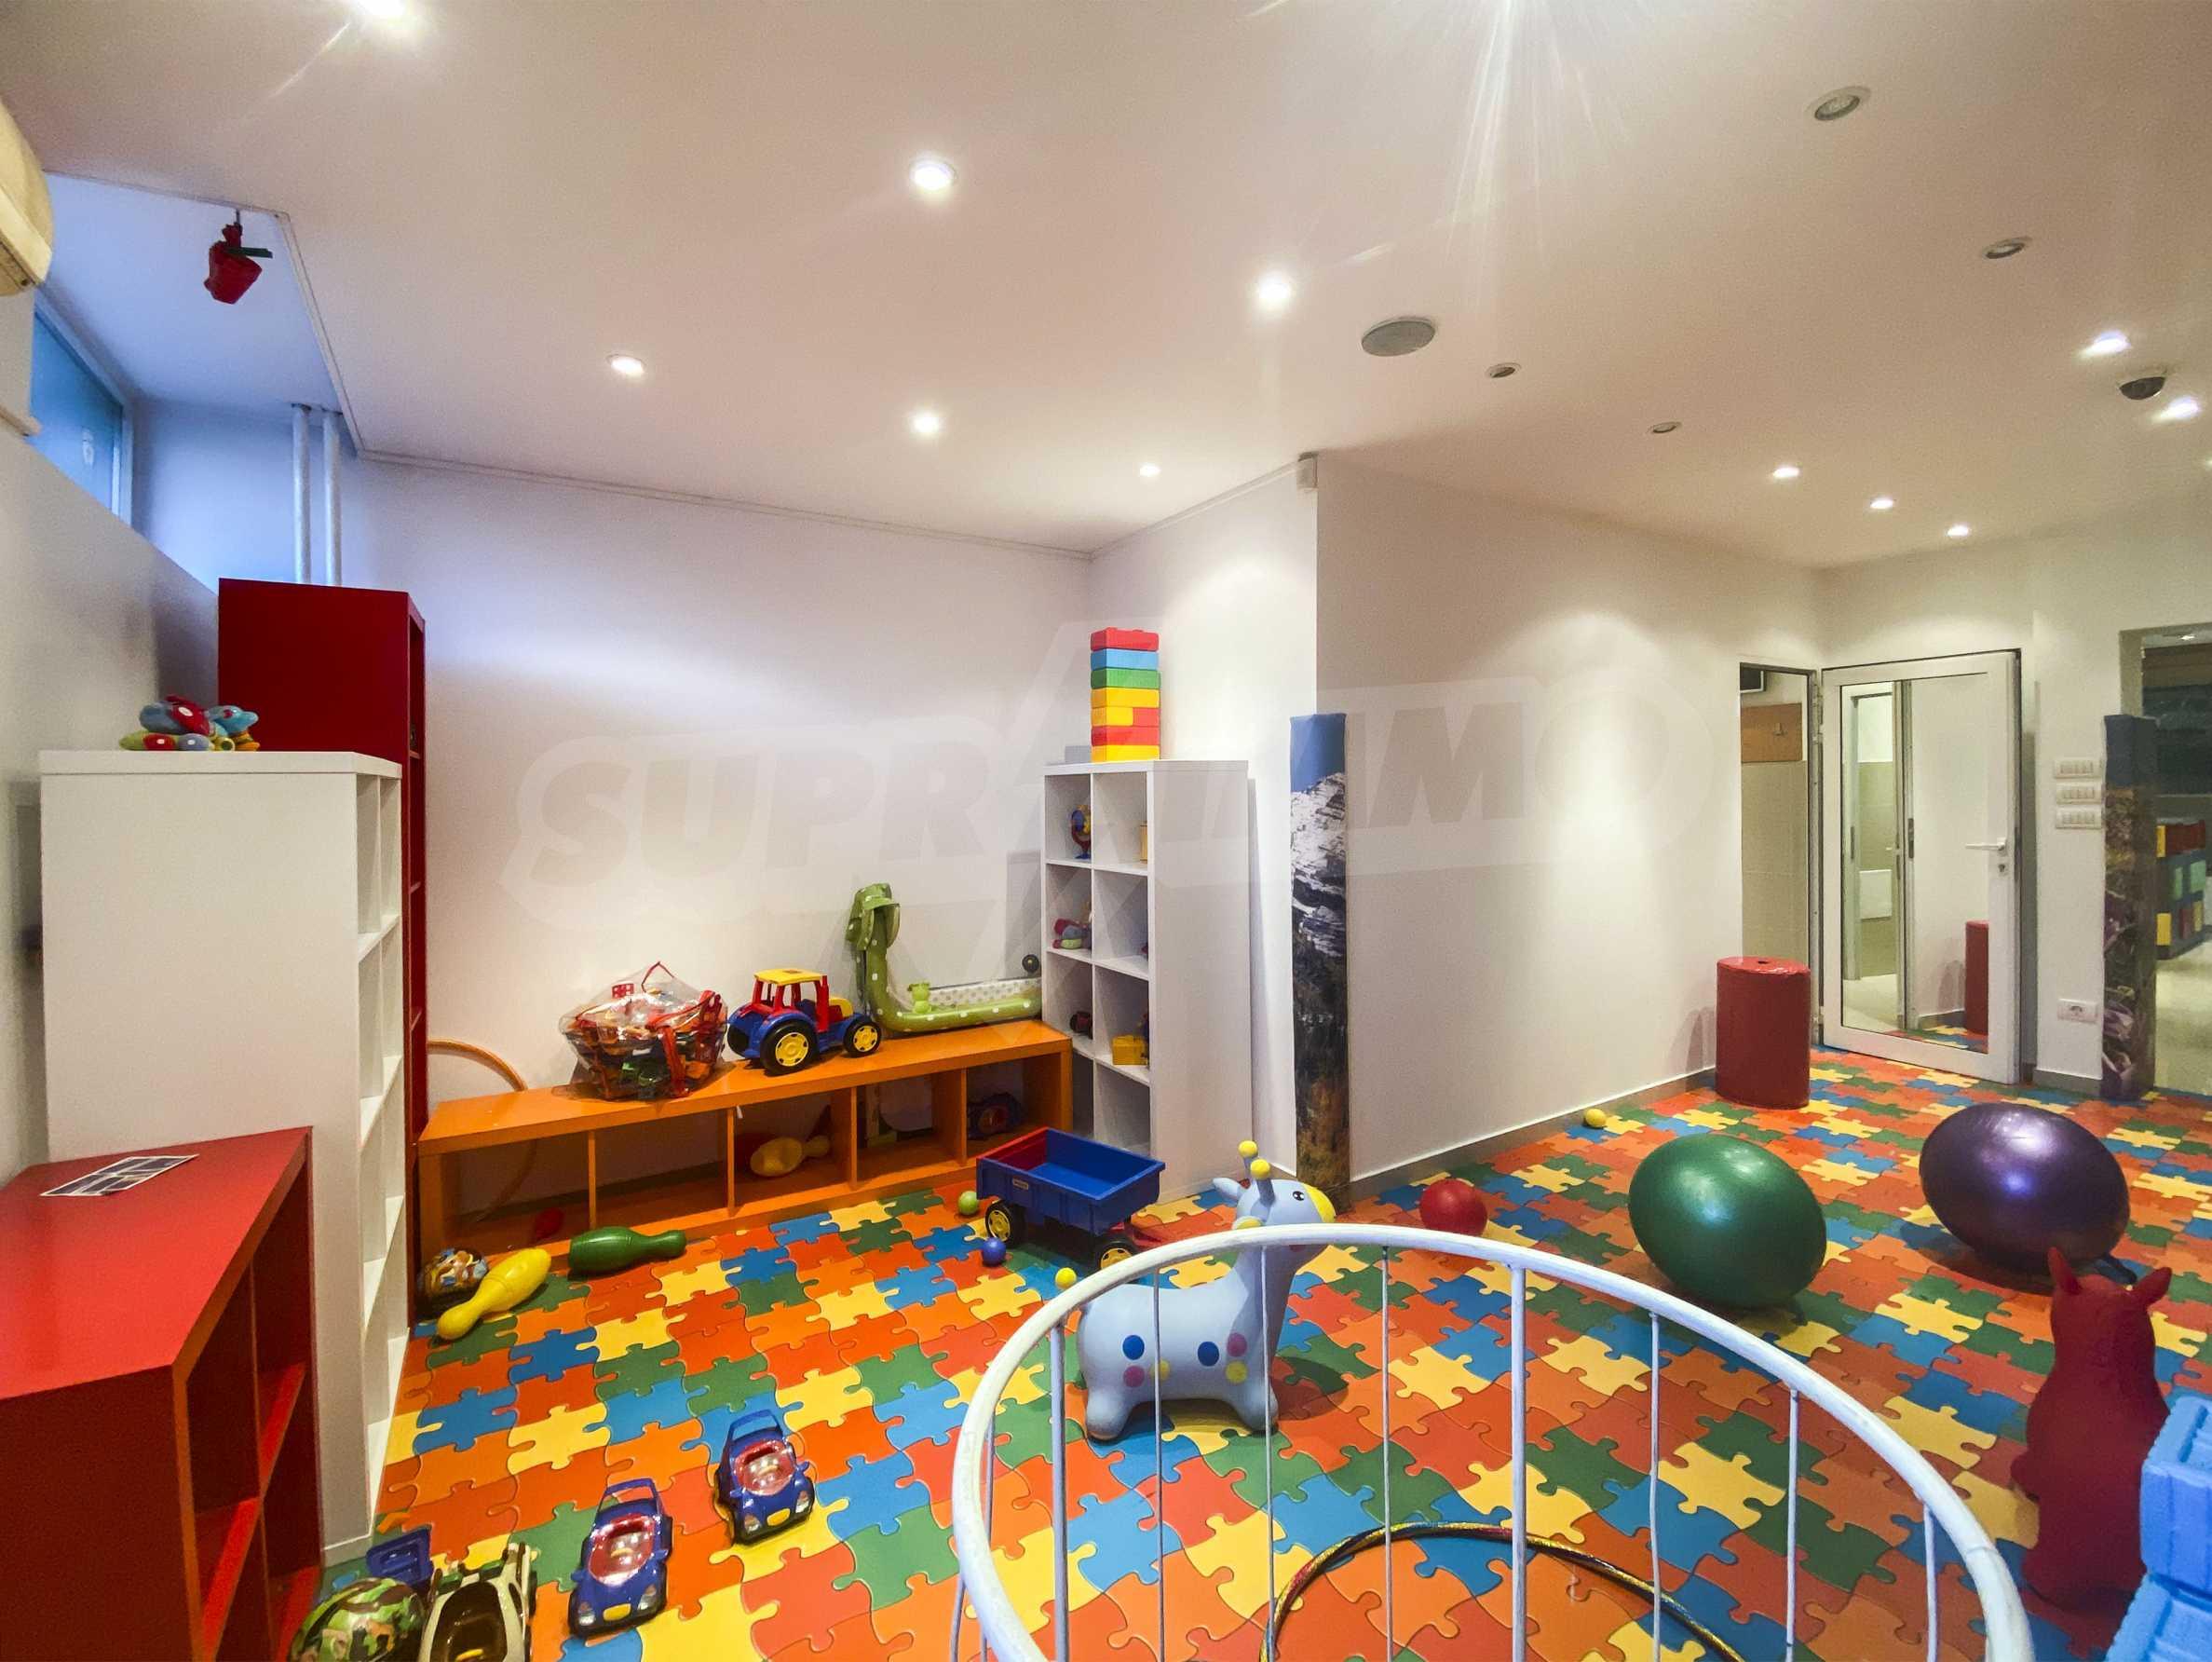 Инвестиционная недвижимость в аренду с действующим бизнесом в Красной Поляне 1 1